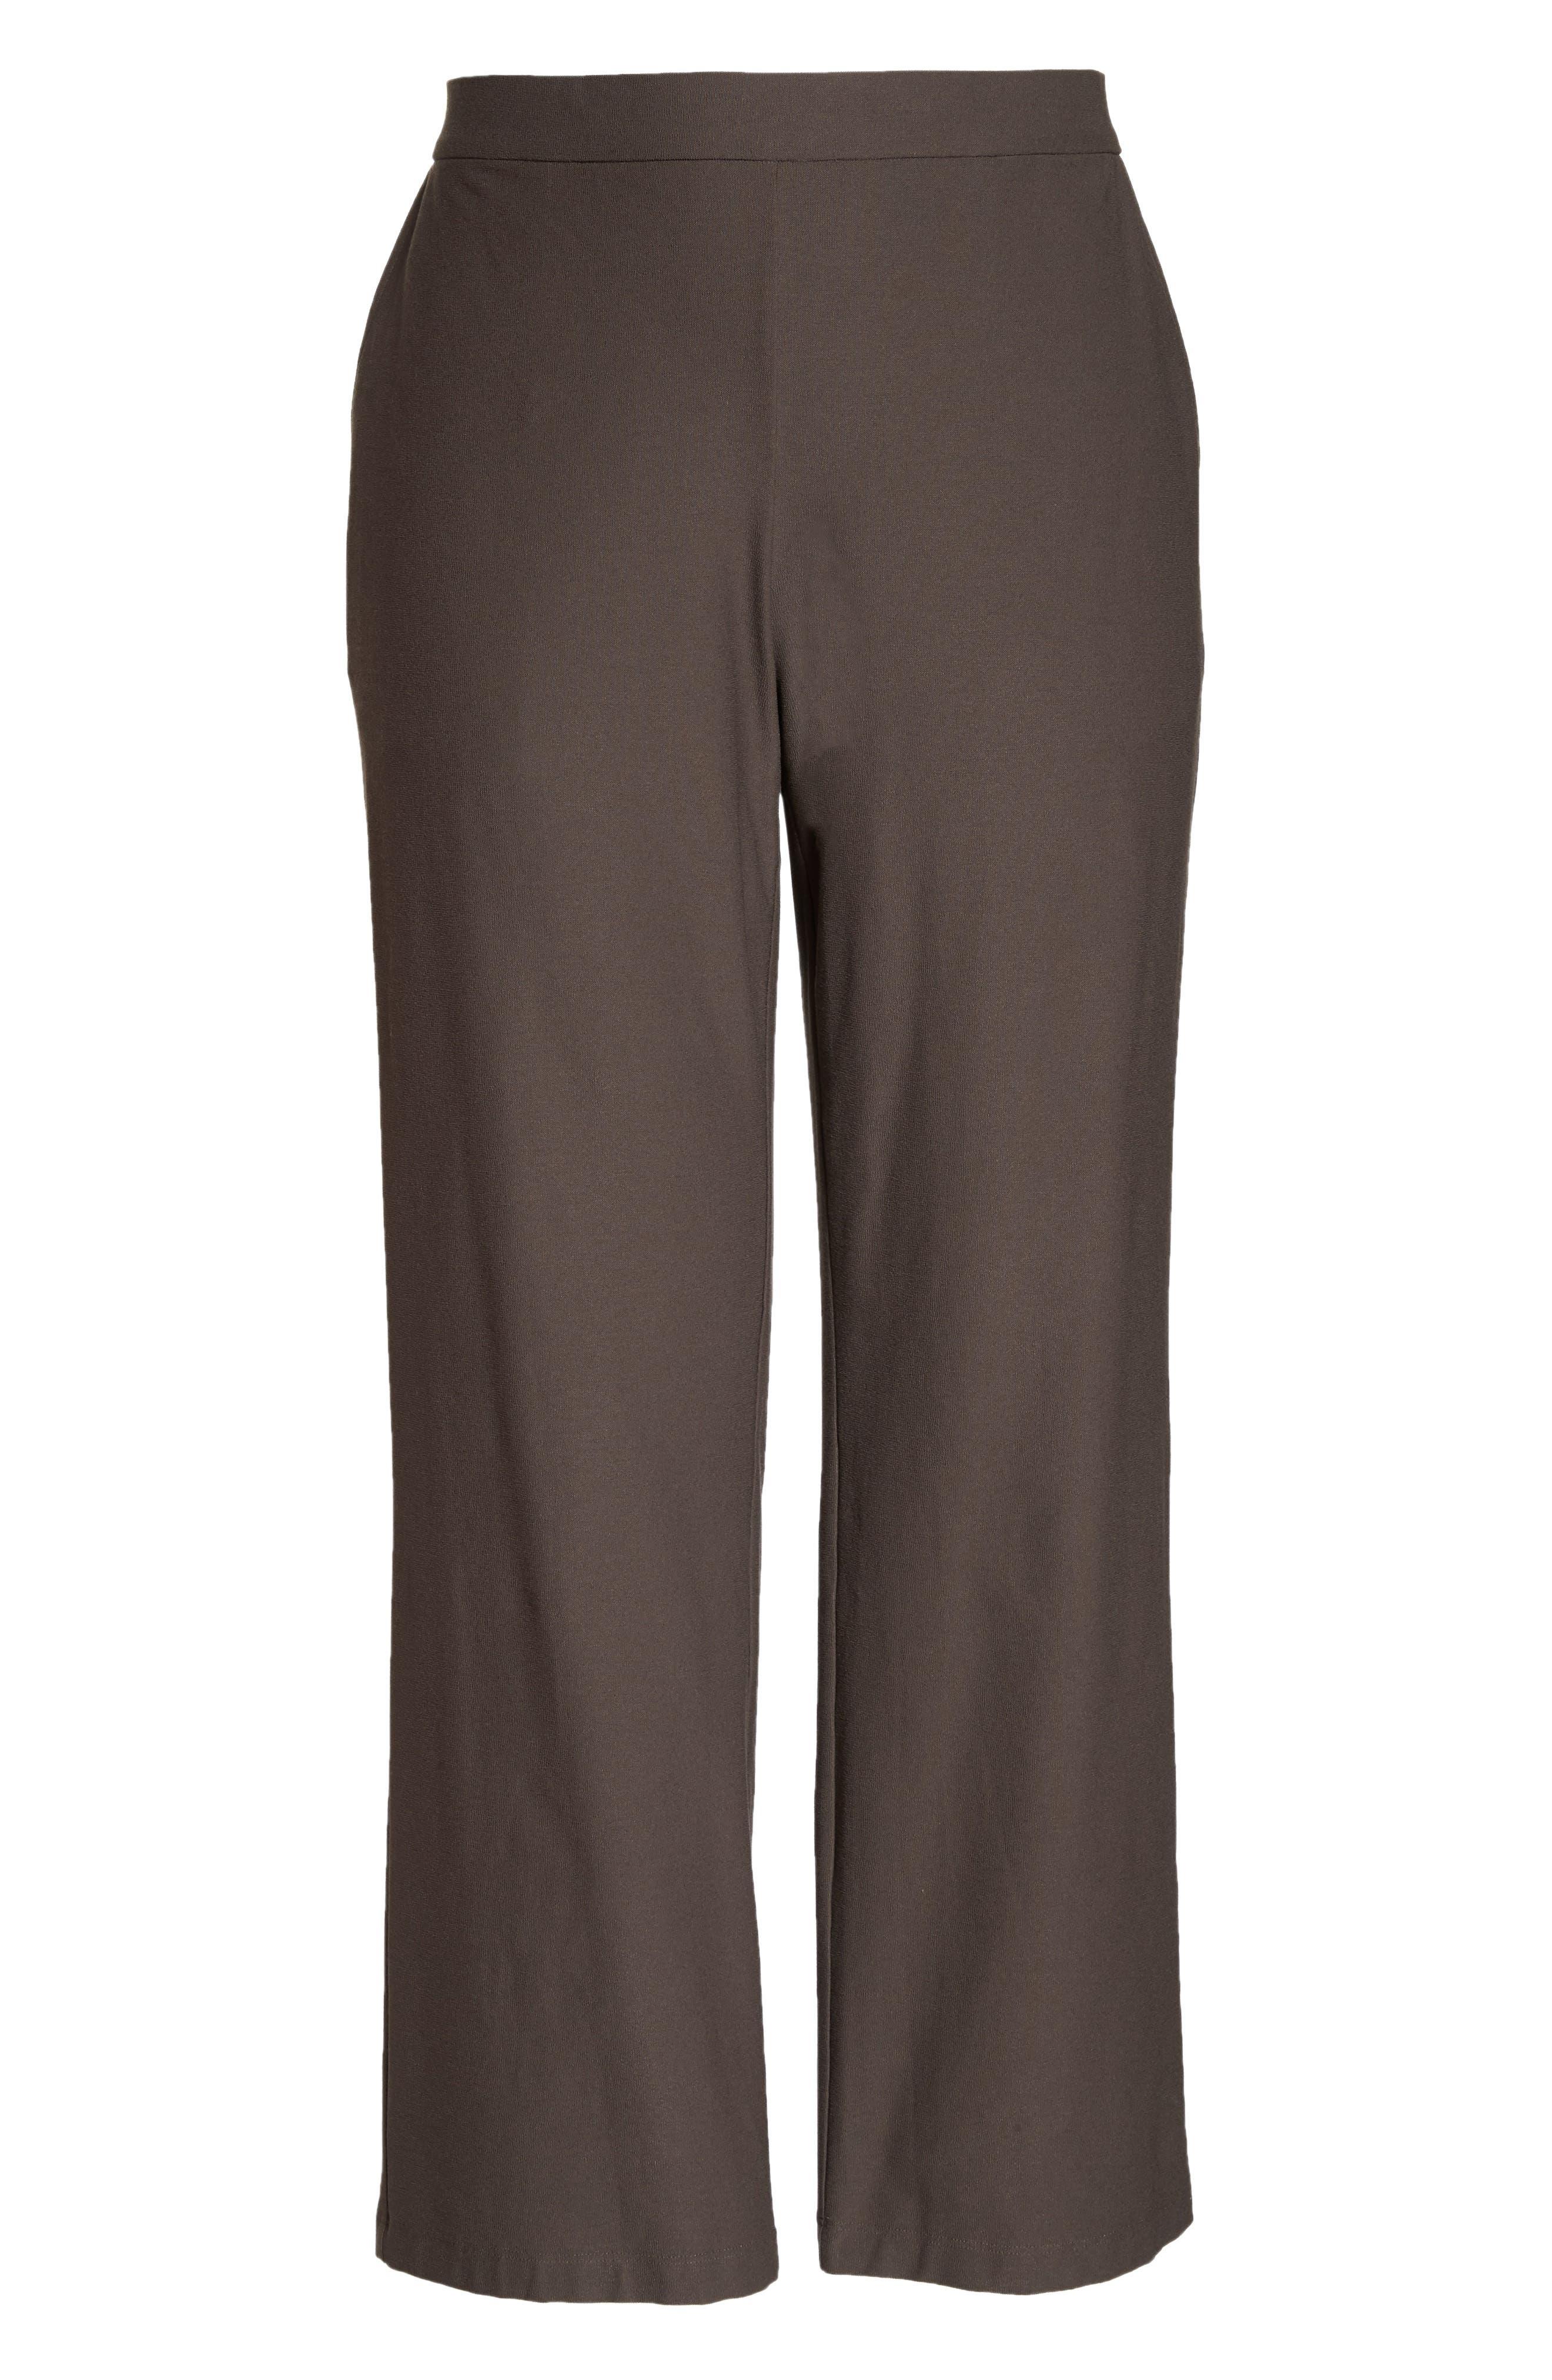 High Rise Straight Leg Knit Pants,                             Alternate thumbnail 6, color,                             273